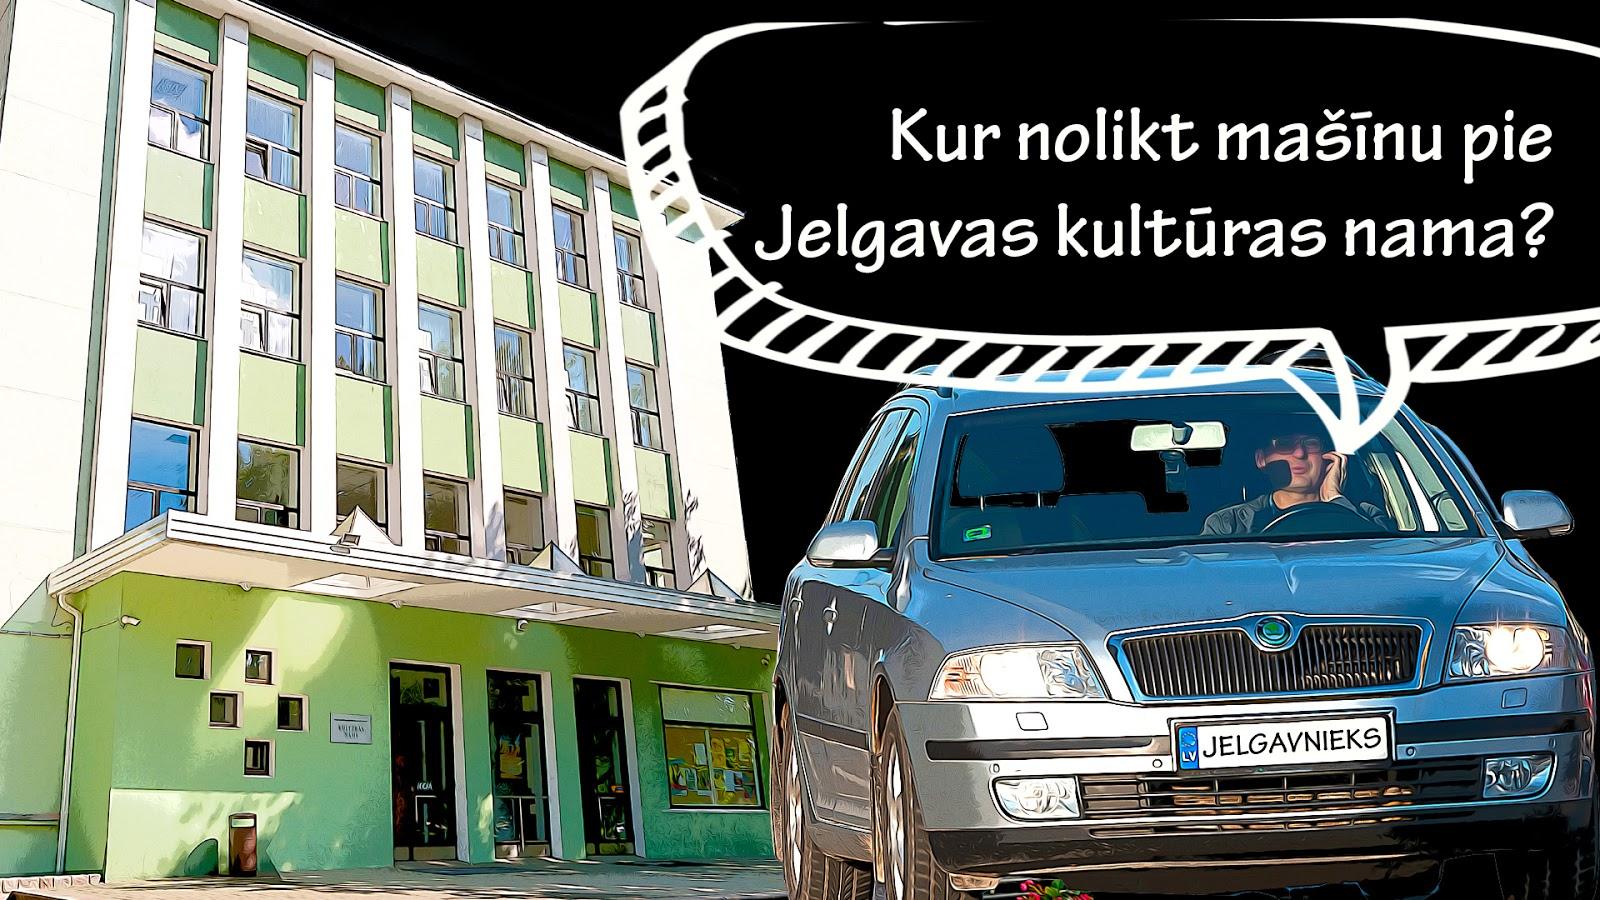 Jelgavas kultūras nams un auto ar vadītāju